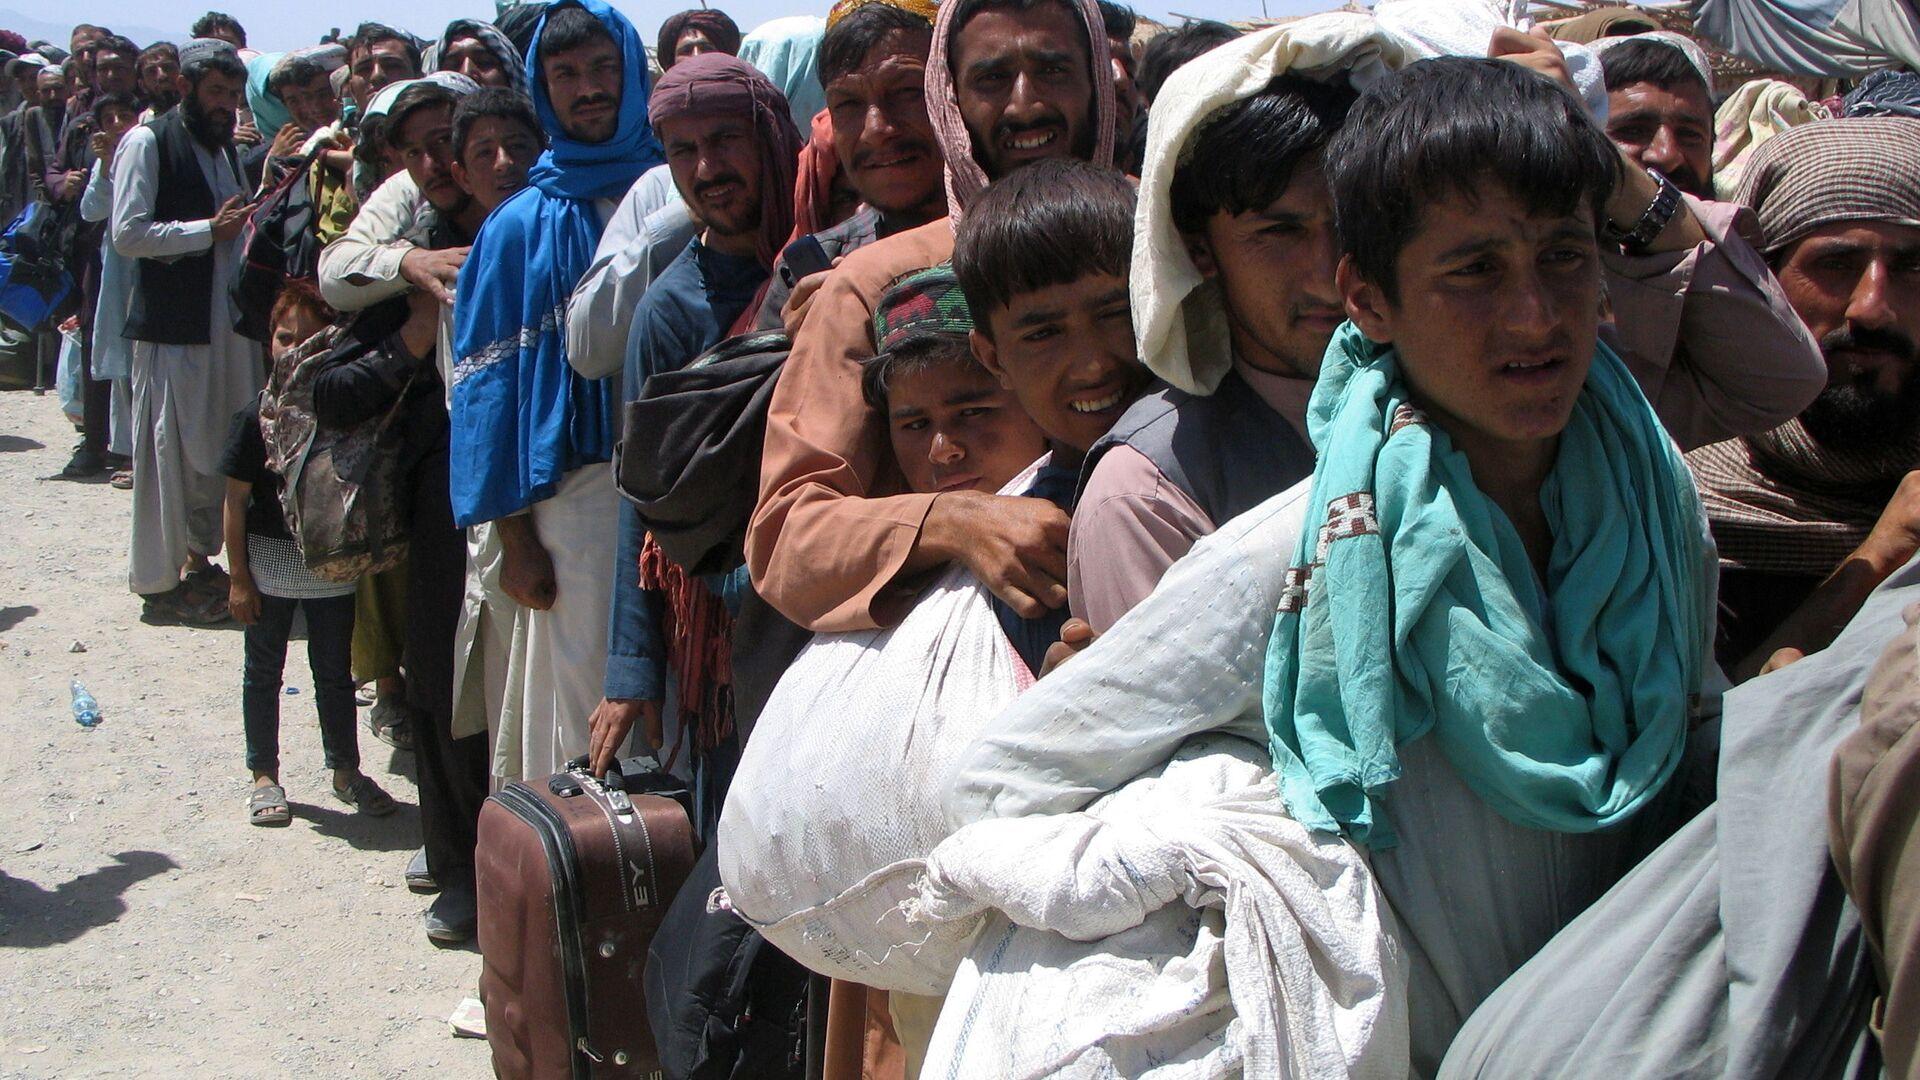 Люди на пропускном пункте «Ворота дружбы» в пакистано-афганском пограничном городе Чаман, Пакистан - Sputnik Тоҷикистон, 1920, 15.09.2021